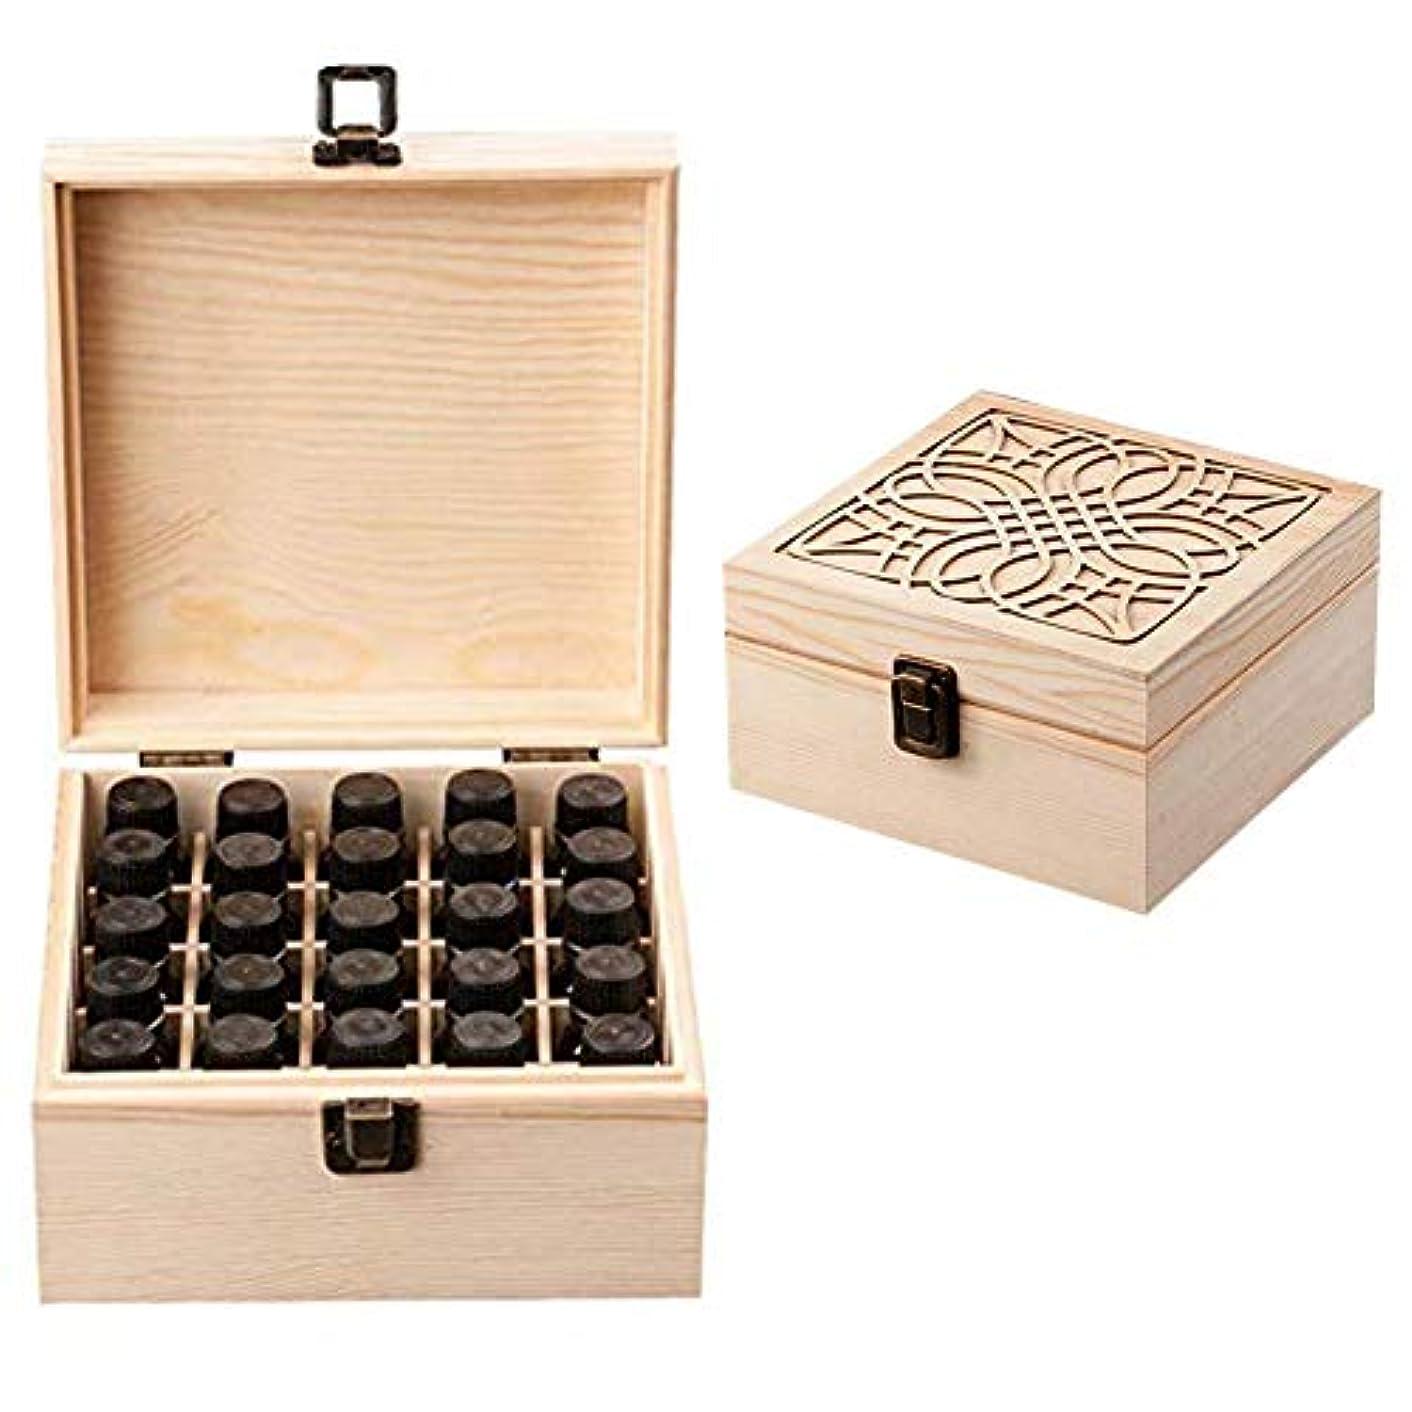 コウモリおじさんキャンプエッセンシャルオイル収納ボックス 大容量 和風 レトロ 木製 精油収納 携帯便利 オイルボックス 飾り物 25本用